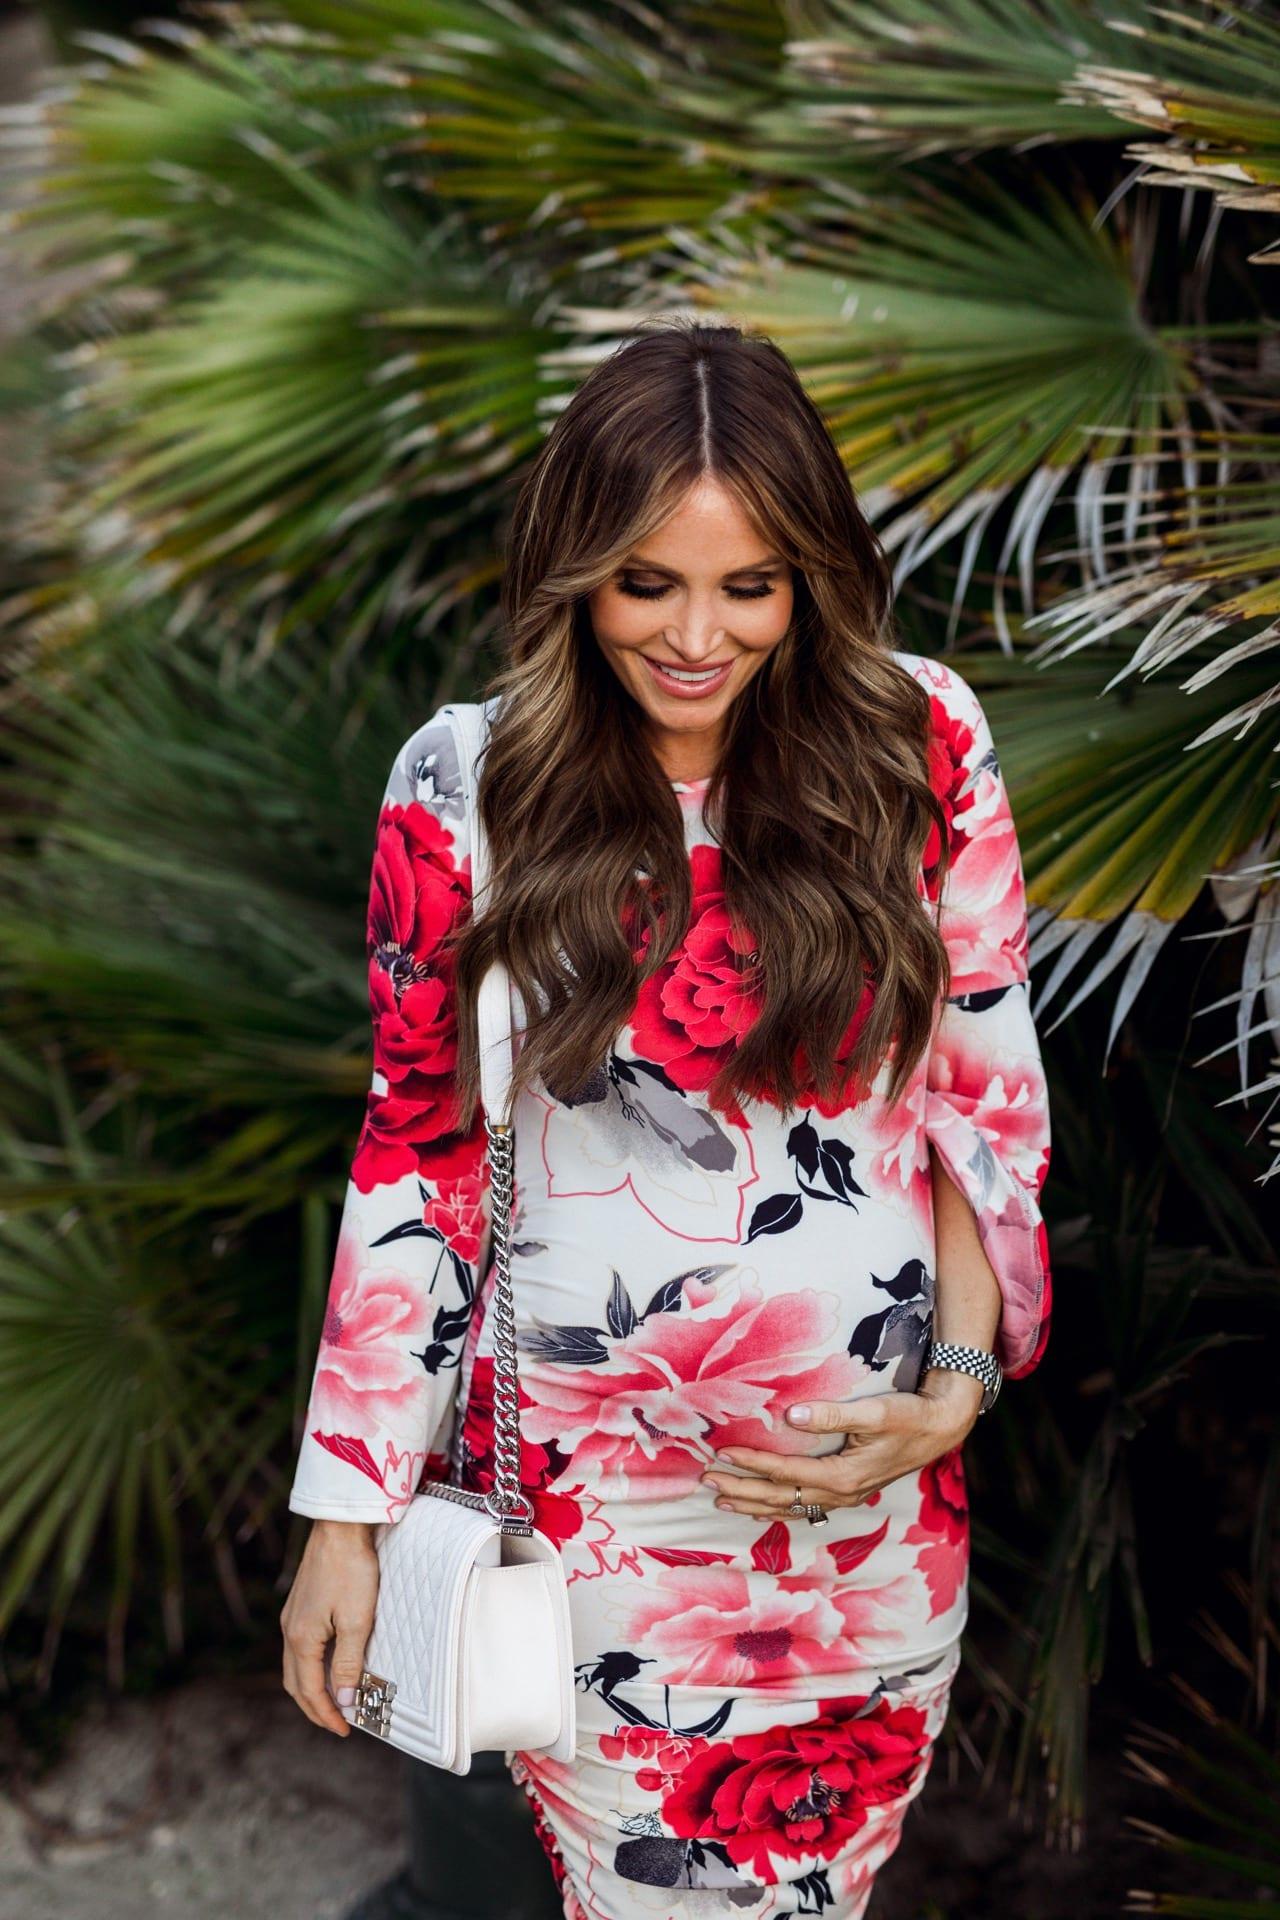 #DKW-Fashion Pregnant Style